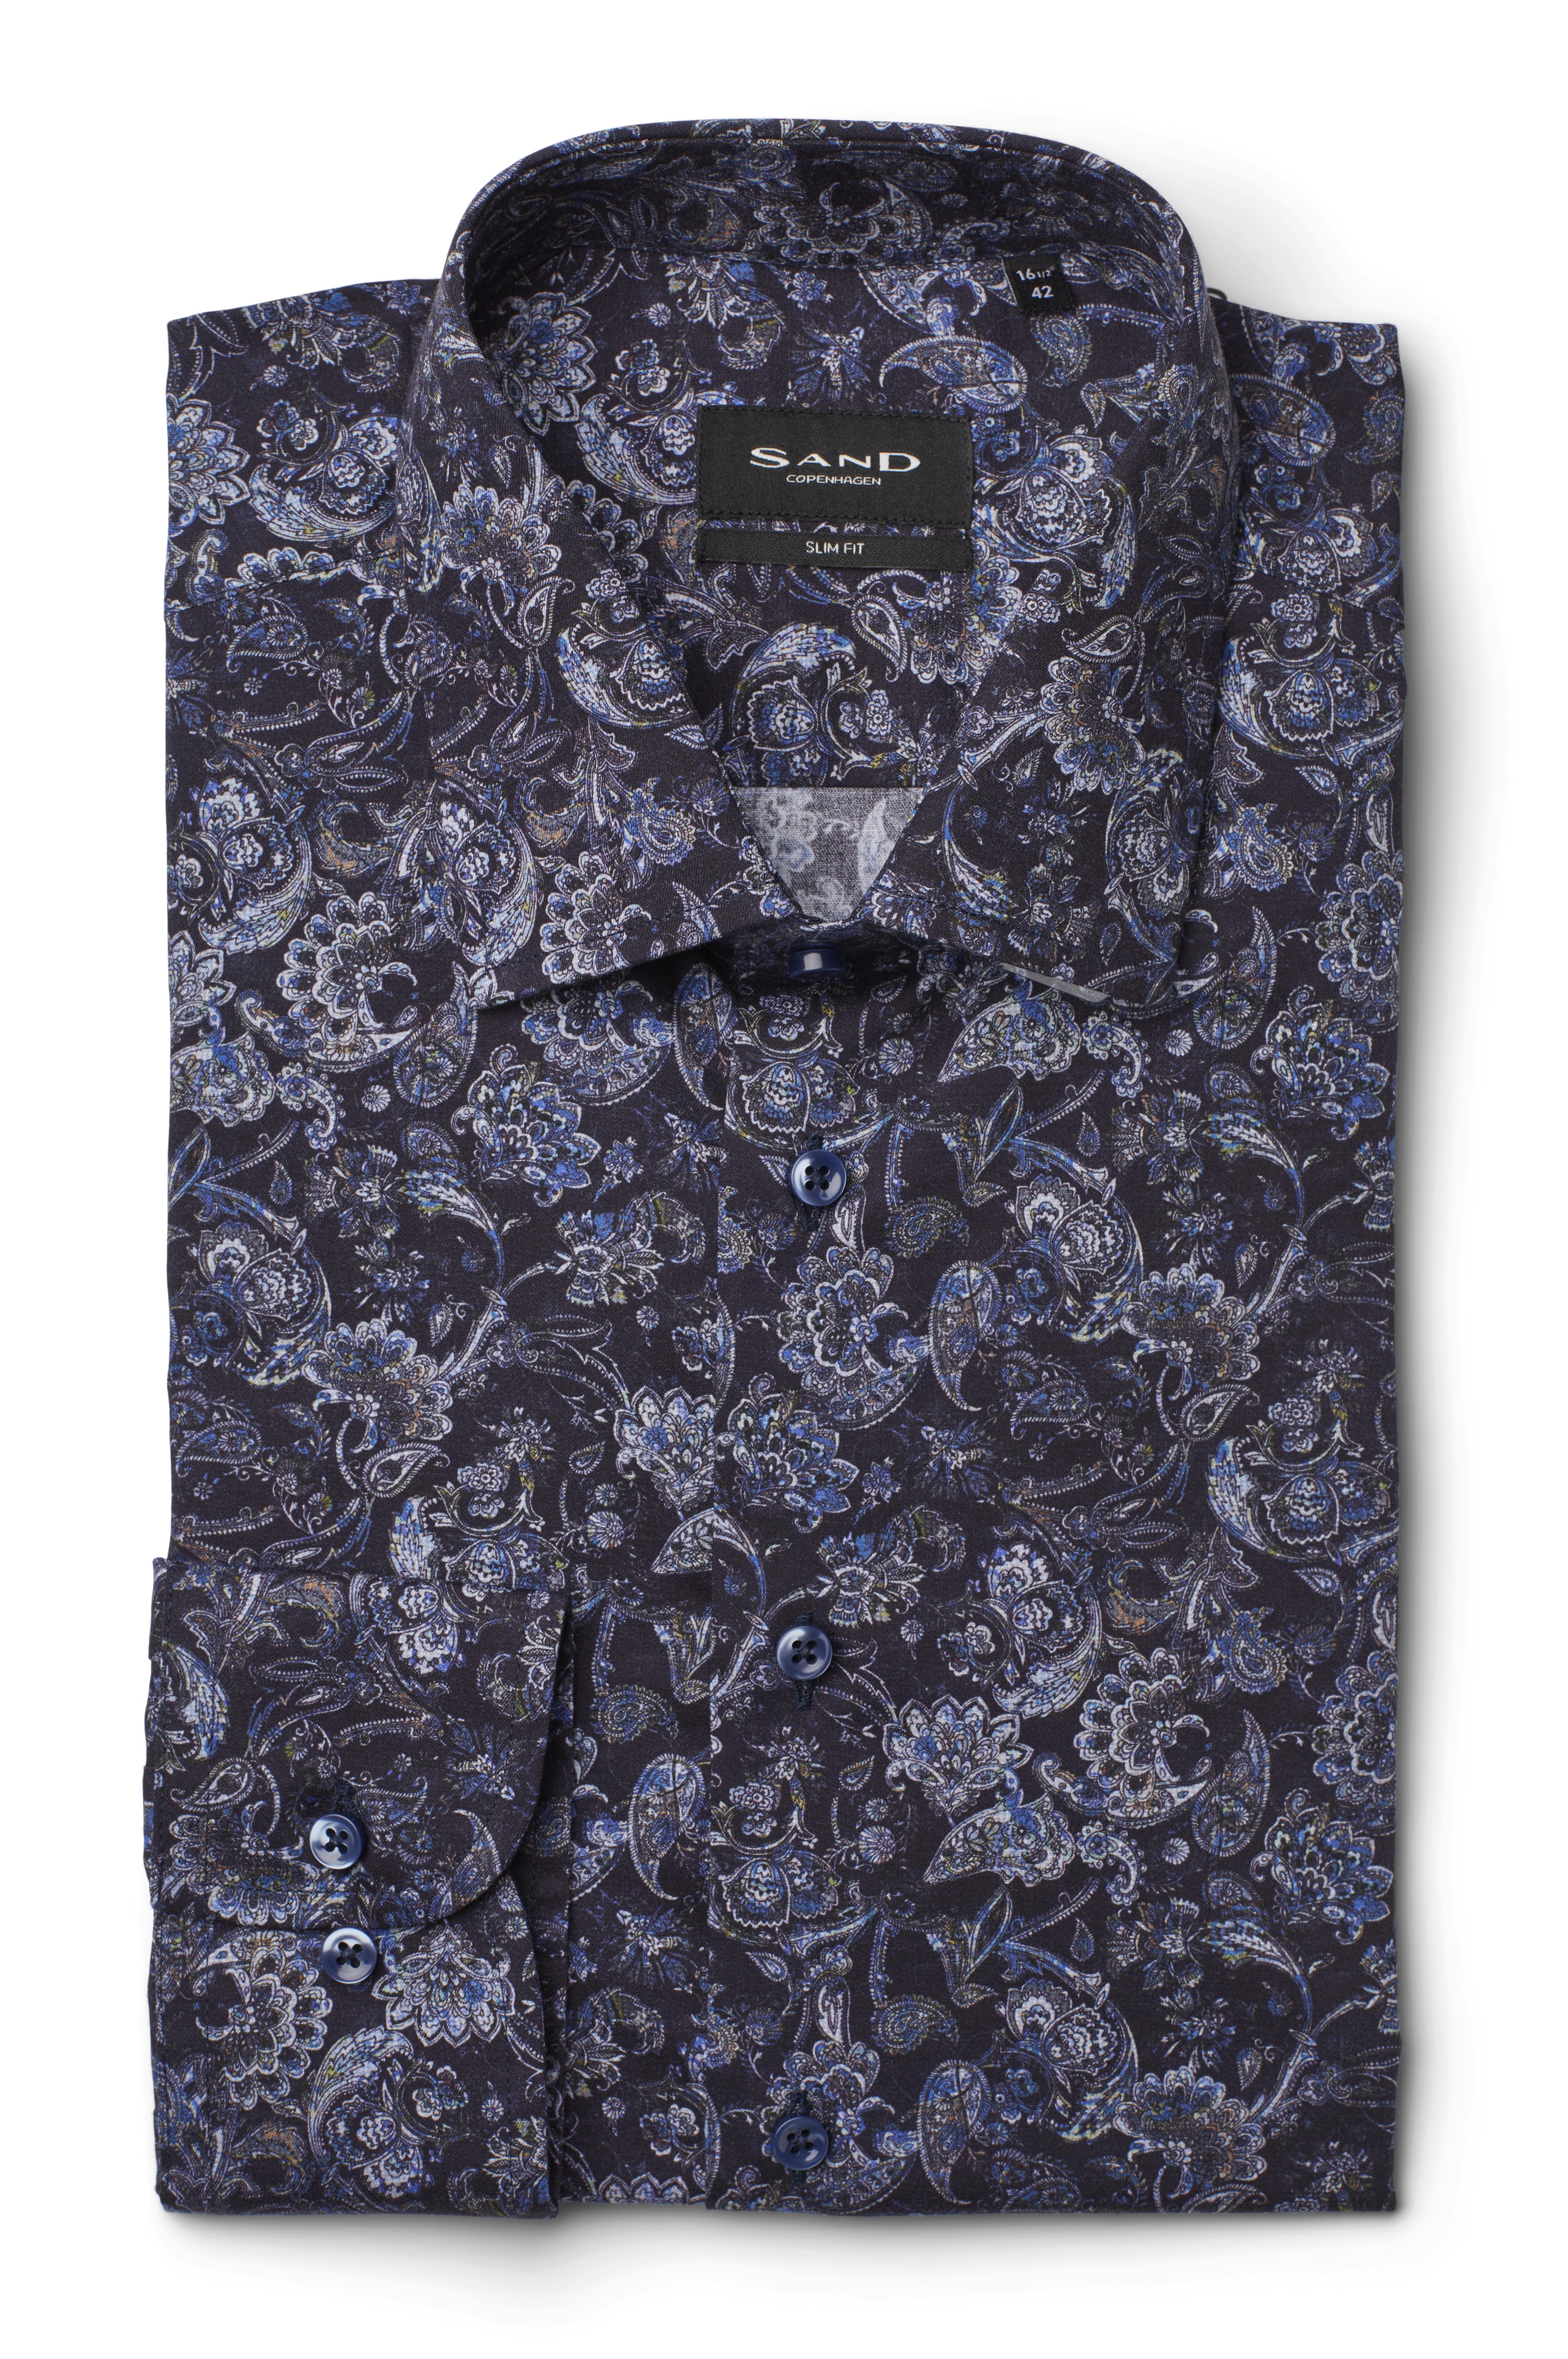 SAND 8853 Iver 2 skjorte, dark blue/navy, 44